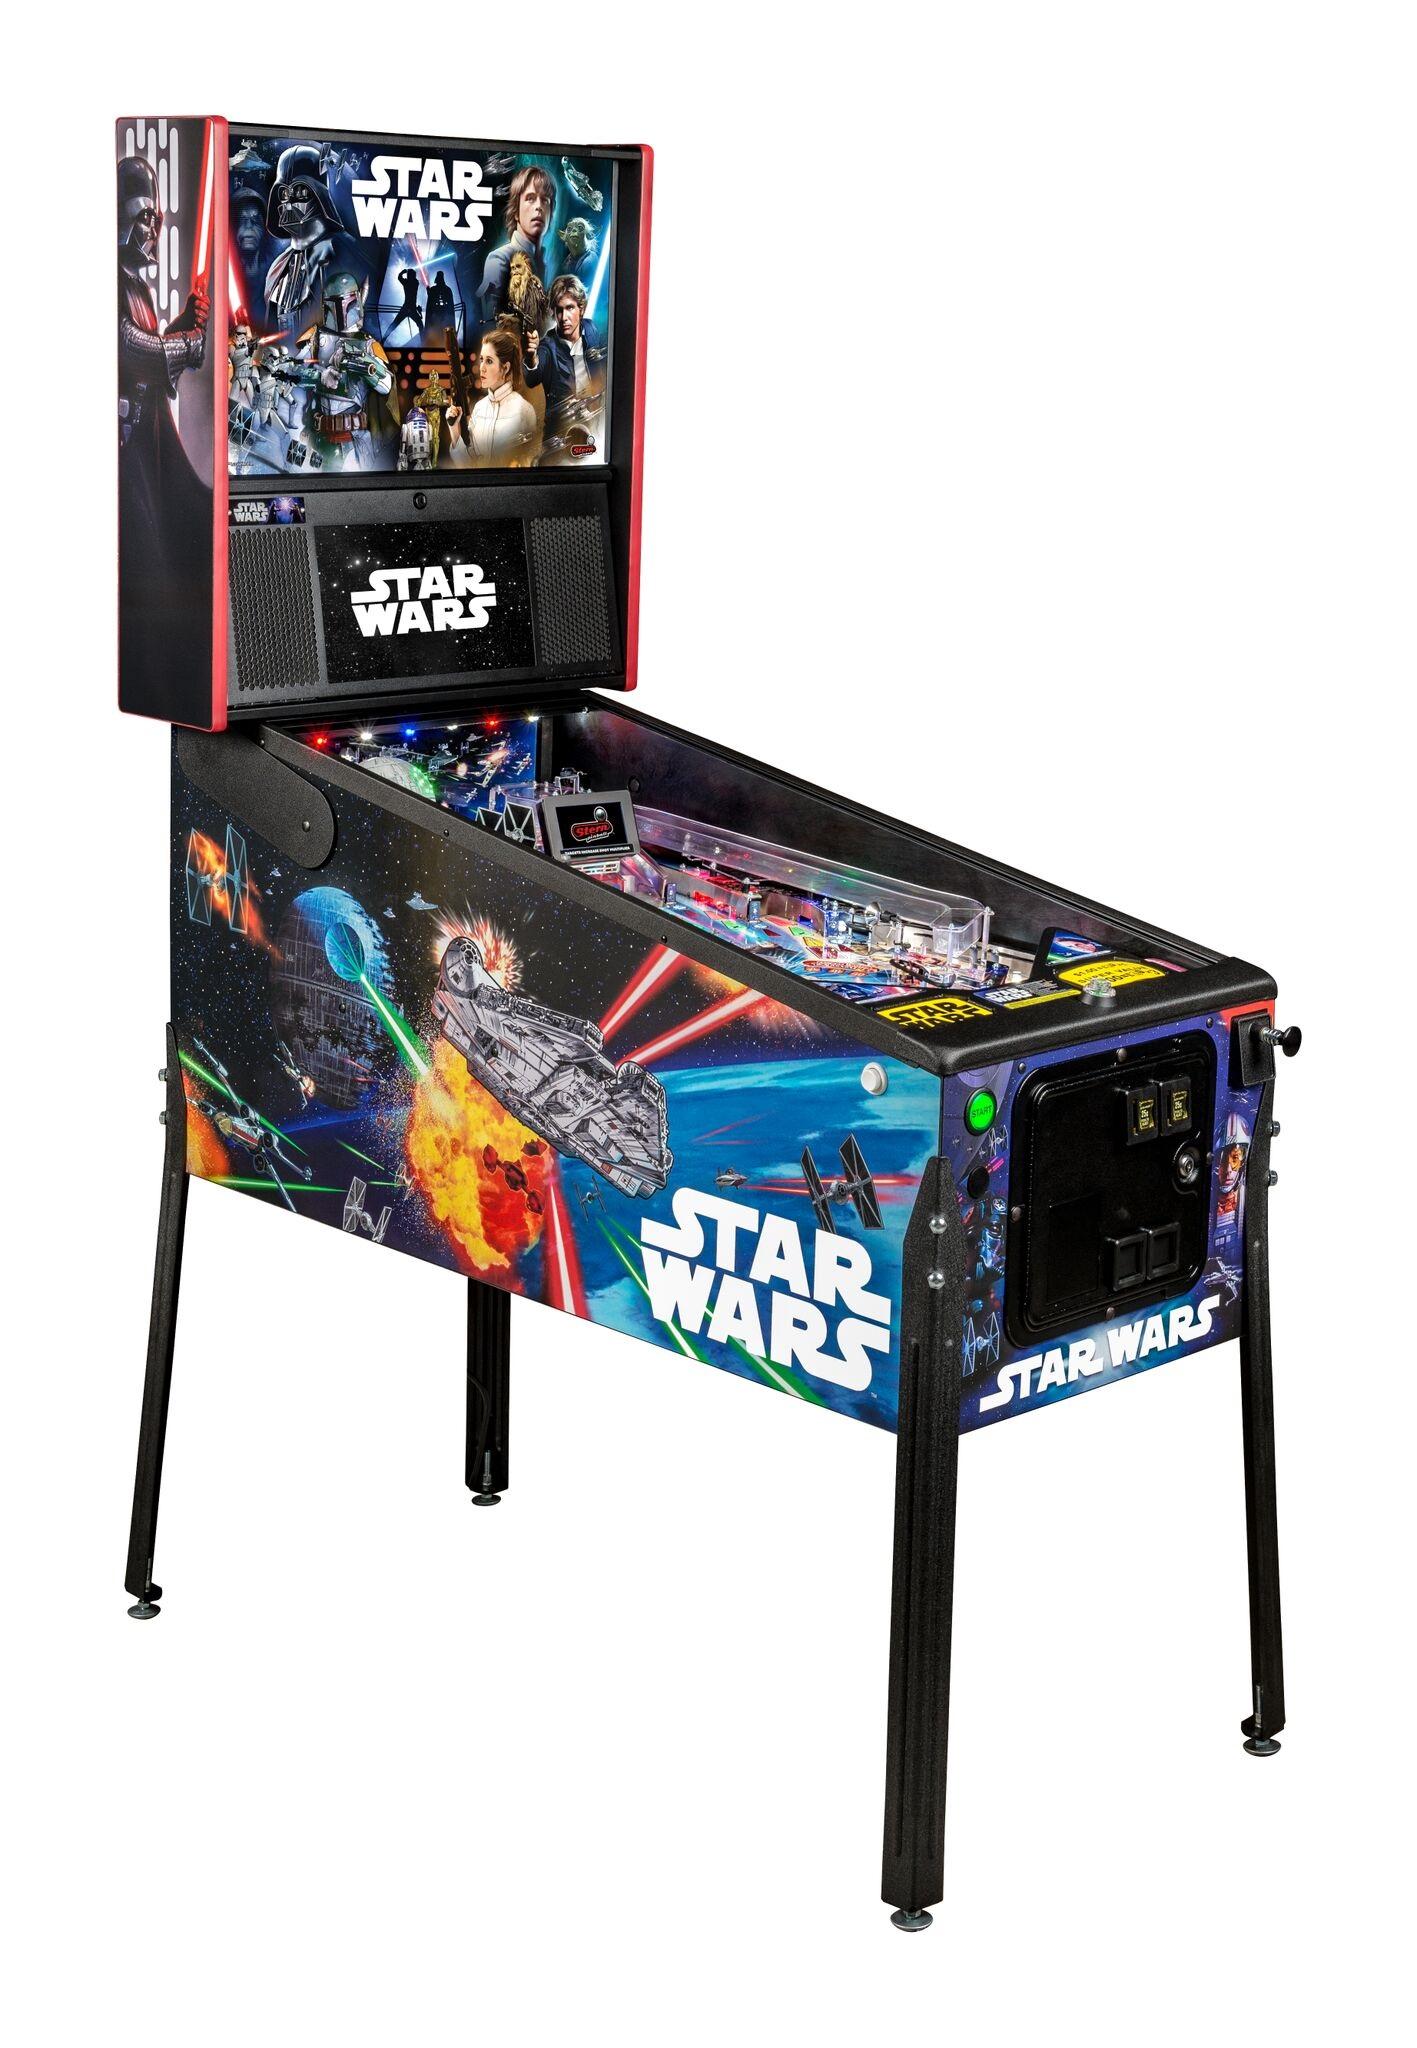 Stern Star Wars Pro Pinball Machine Free Shipping